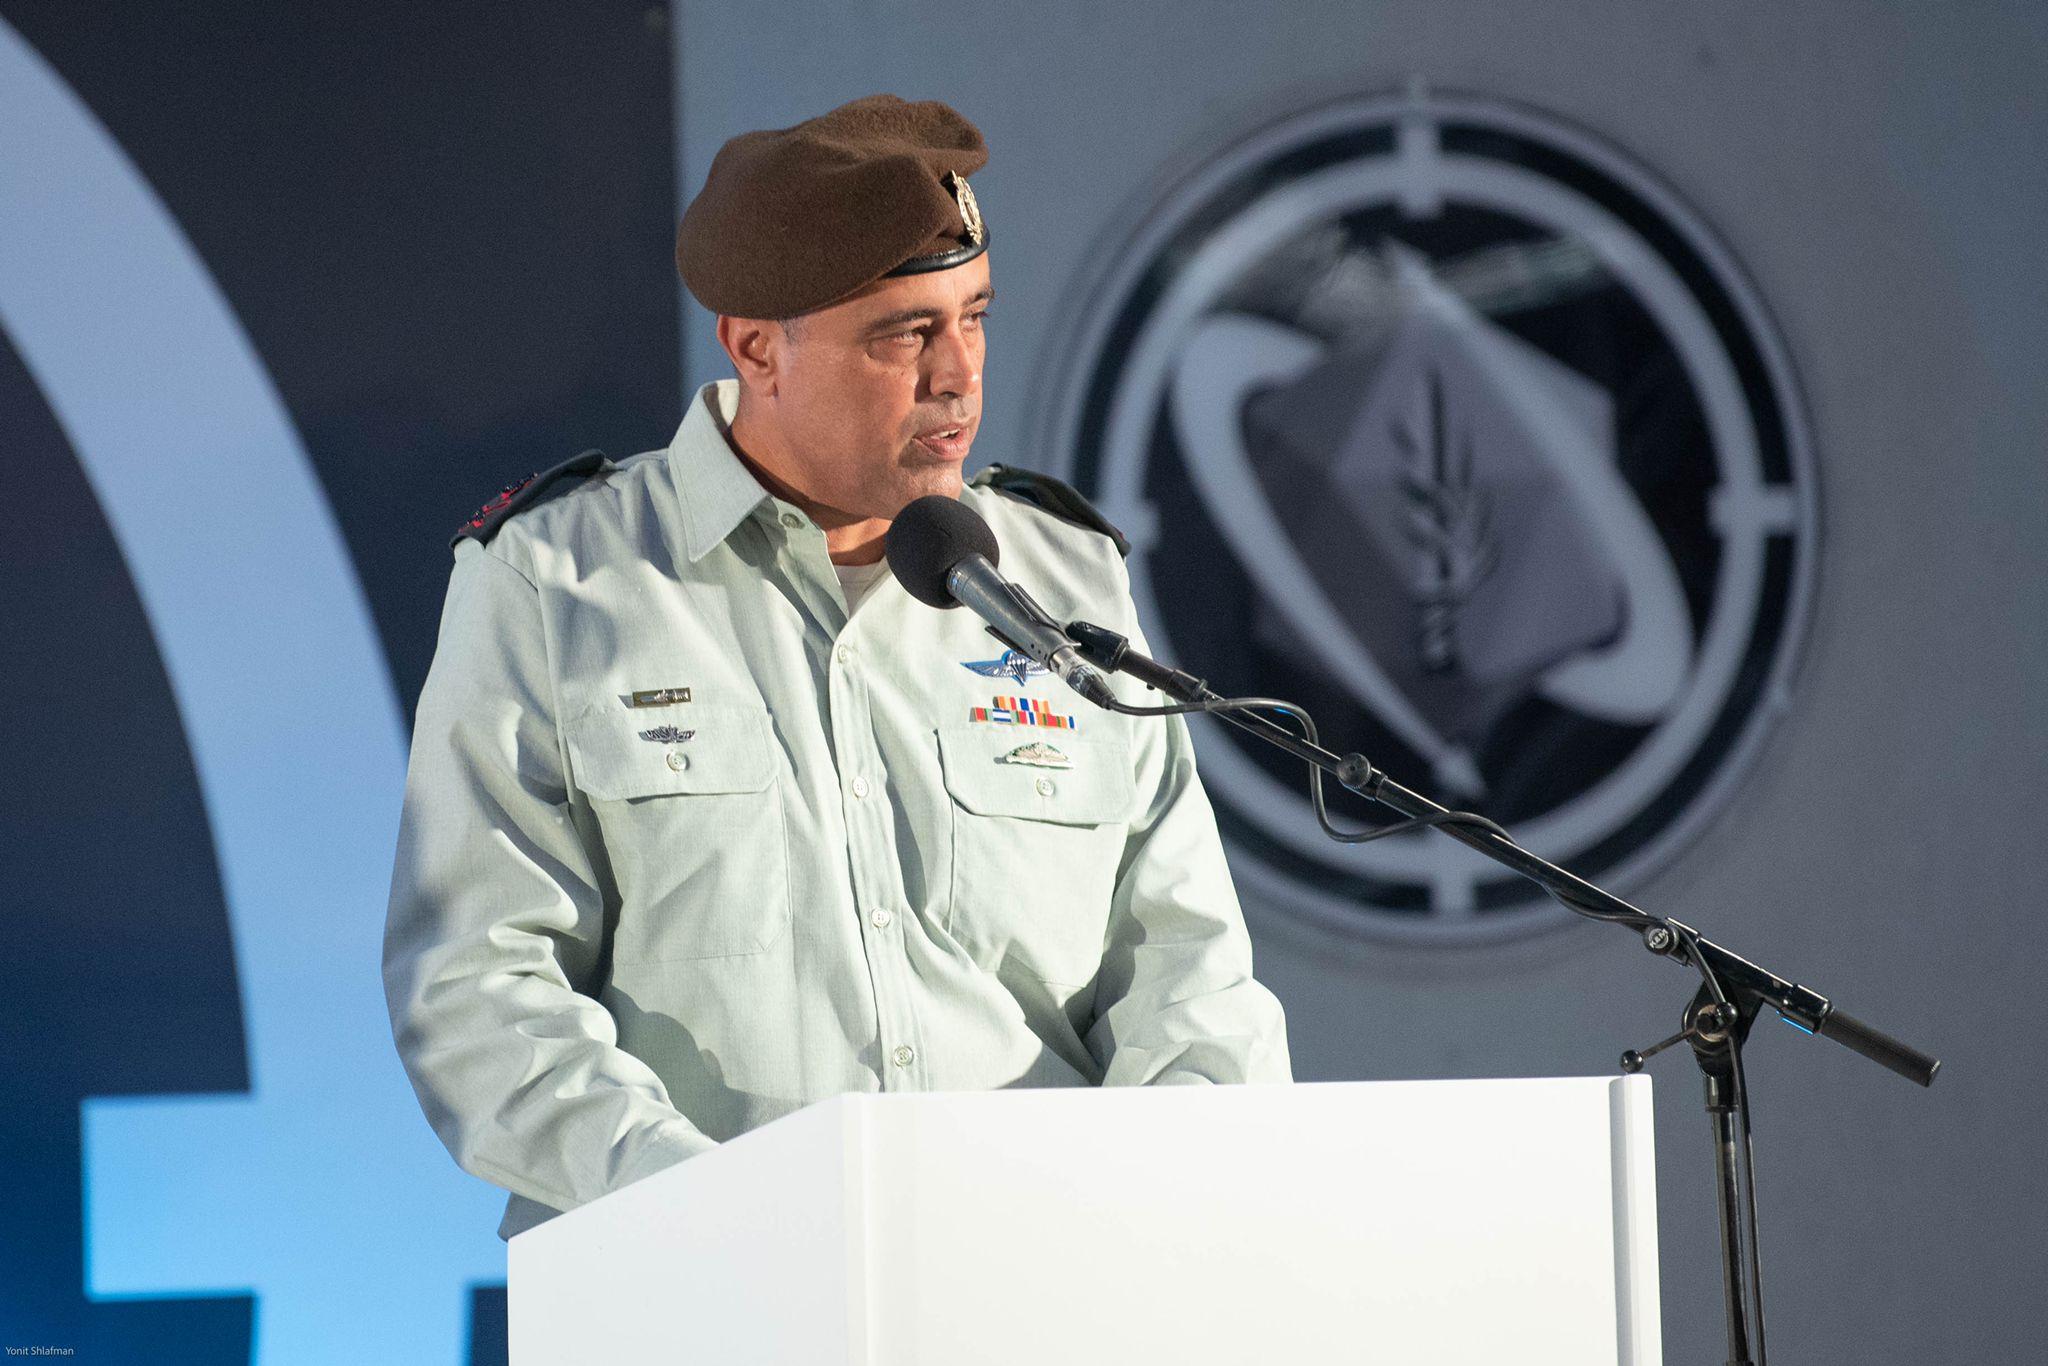 מפקד חדש לזרוע היבשה: אלוף תמיר ידעי מכפר סבא